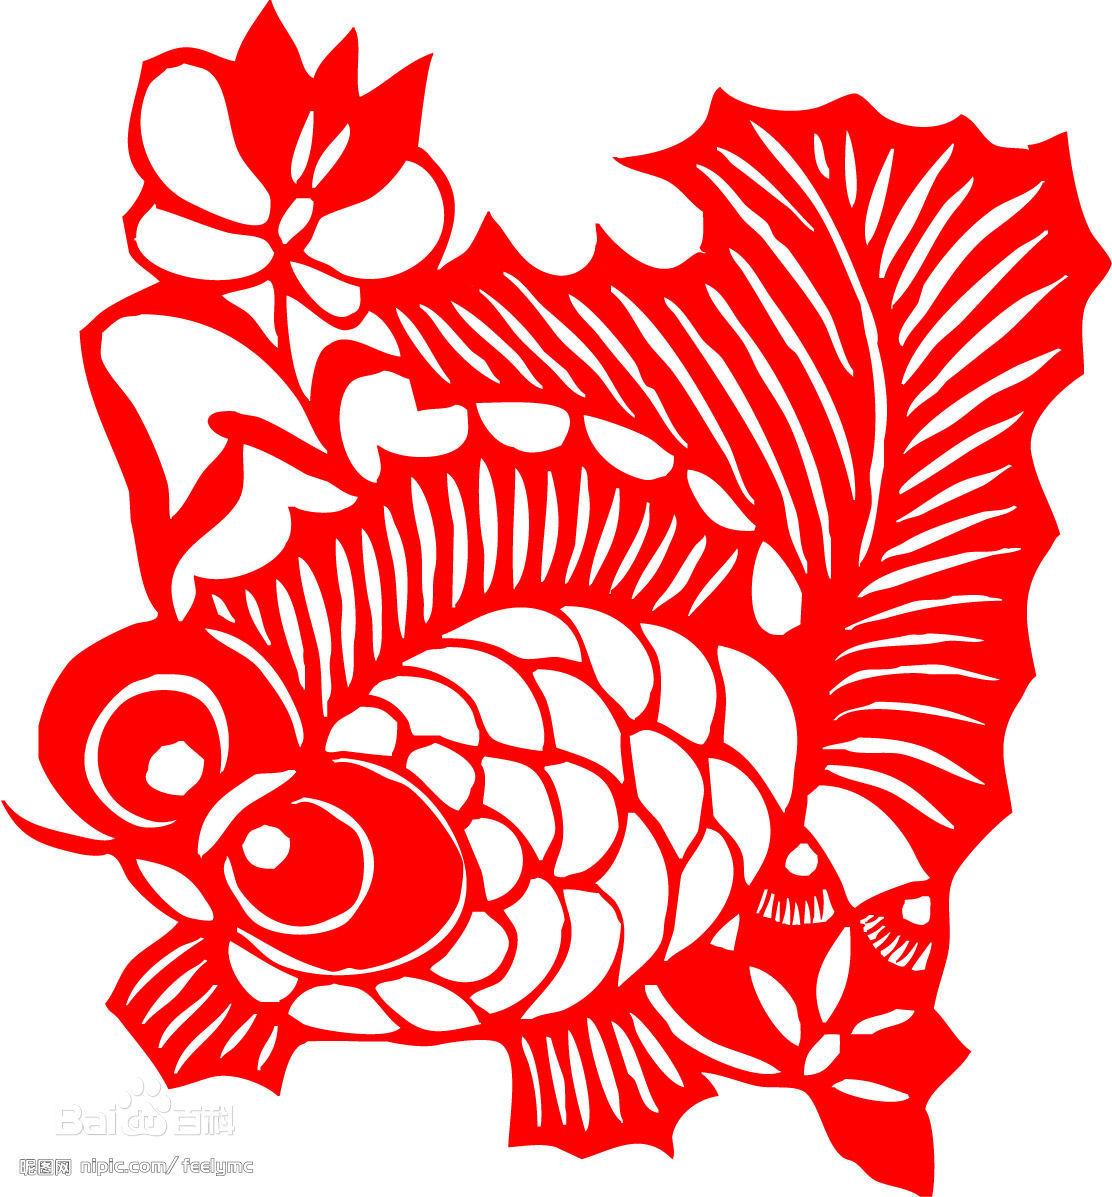 民间剪纸之所以能够历经中国漫长的历史演进,而不失其纯净和清新的特质,与中国农村稳固的社会结构和文化结构有着密切的关系。它自身存在过程中所具有的互为矛盾,又互为统一的不同特性,决定了其对于不断变革侧自然选择方式,从而与宫廷艺术、文人艺术拉开了间距。 佛像剪纸 1.依附性与独立性的统一   民间剪纸是附合民间习俗的必不可少一种艺术活动。它的存在,就必定依附于民间特定的文化背景与生活环境。家中有白事,窗户上不能贴得红红火火;娃娃不生病,老奶奶也不肯剪一串吊魂的小人人;用于摆衬礼品的,要看是办喜事、丧事还是做寿